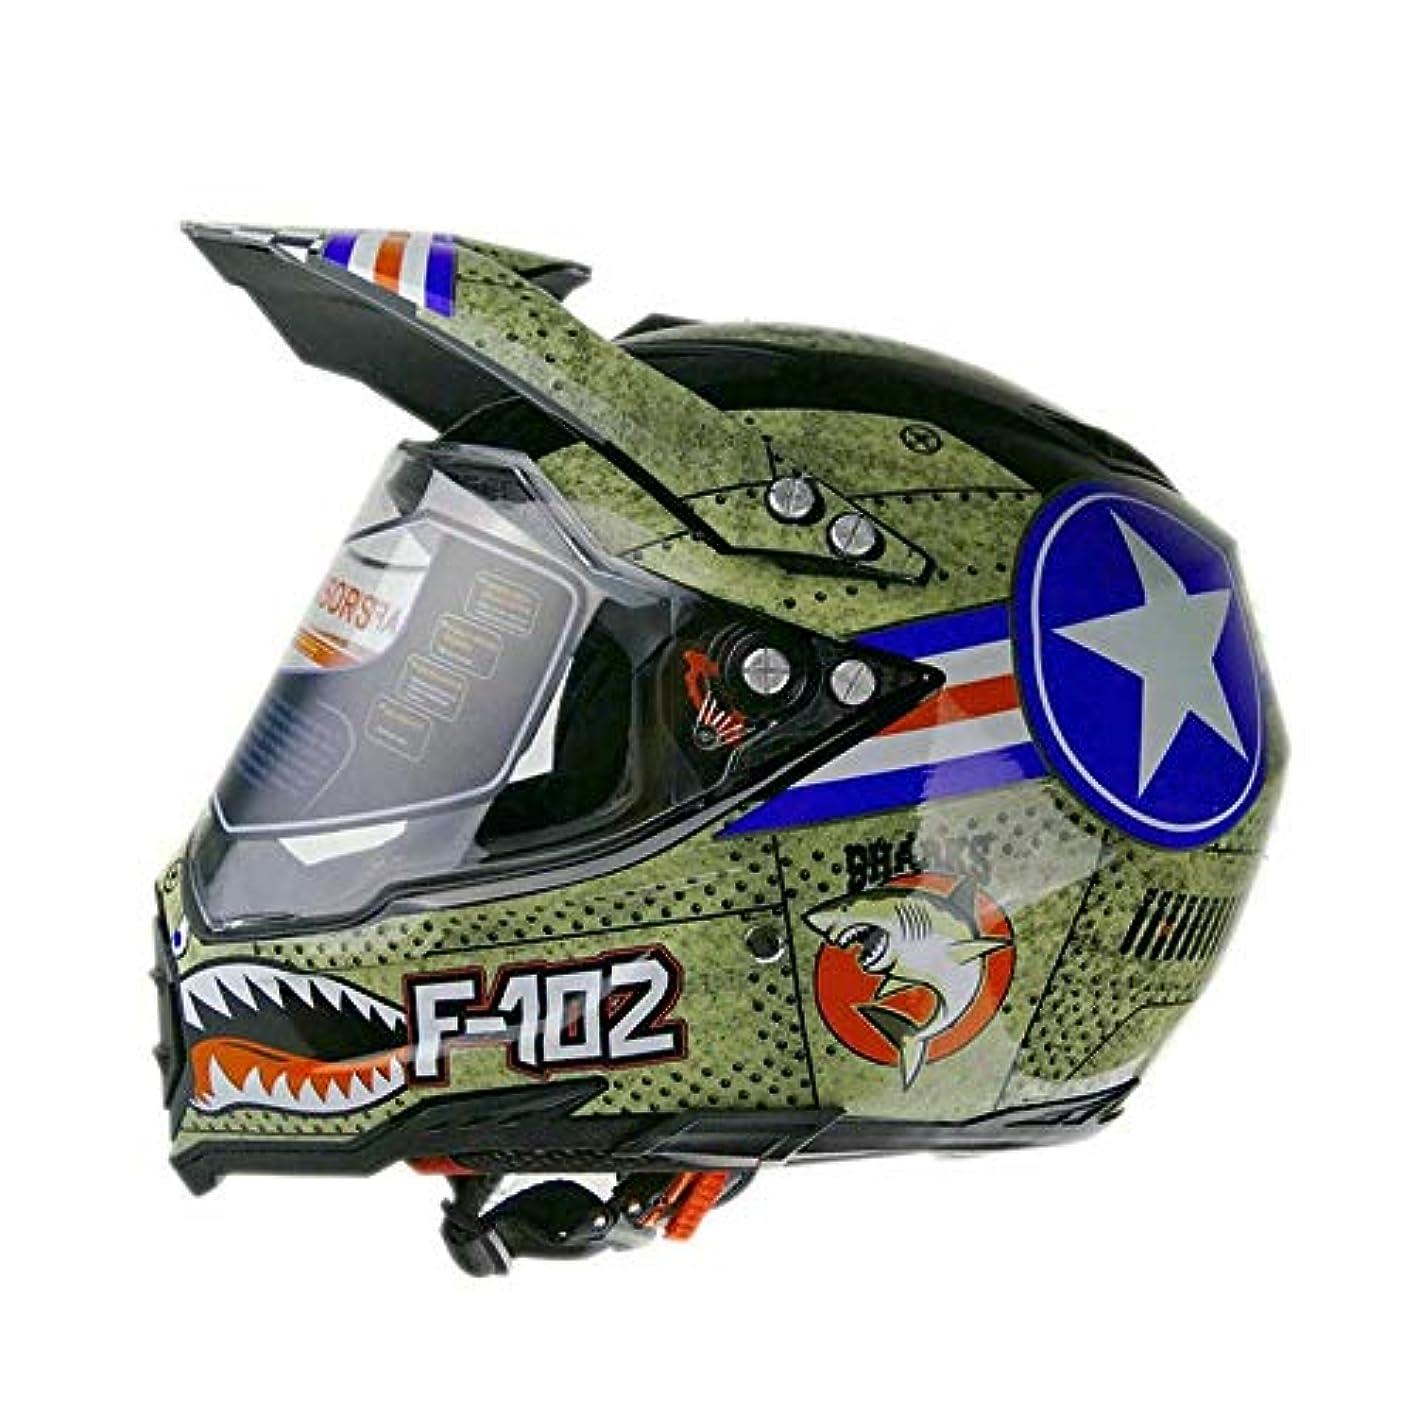 首入植者出発するロードバイクのモトクロスのヘルメットの土のバイクを離れた二重スポーツ